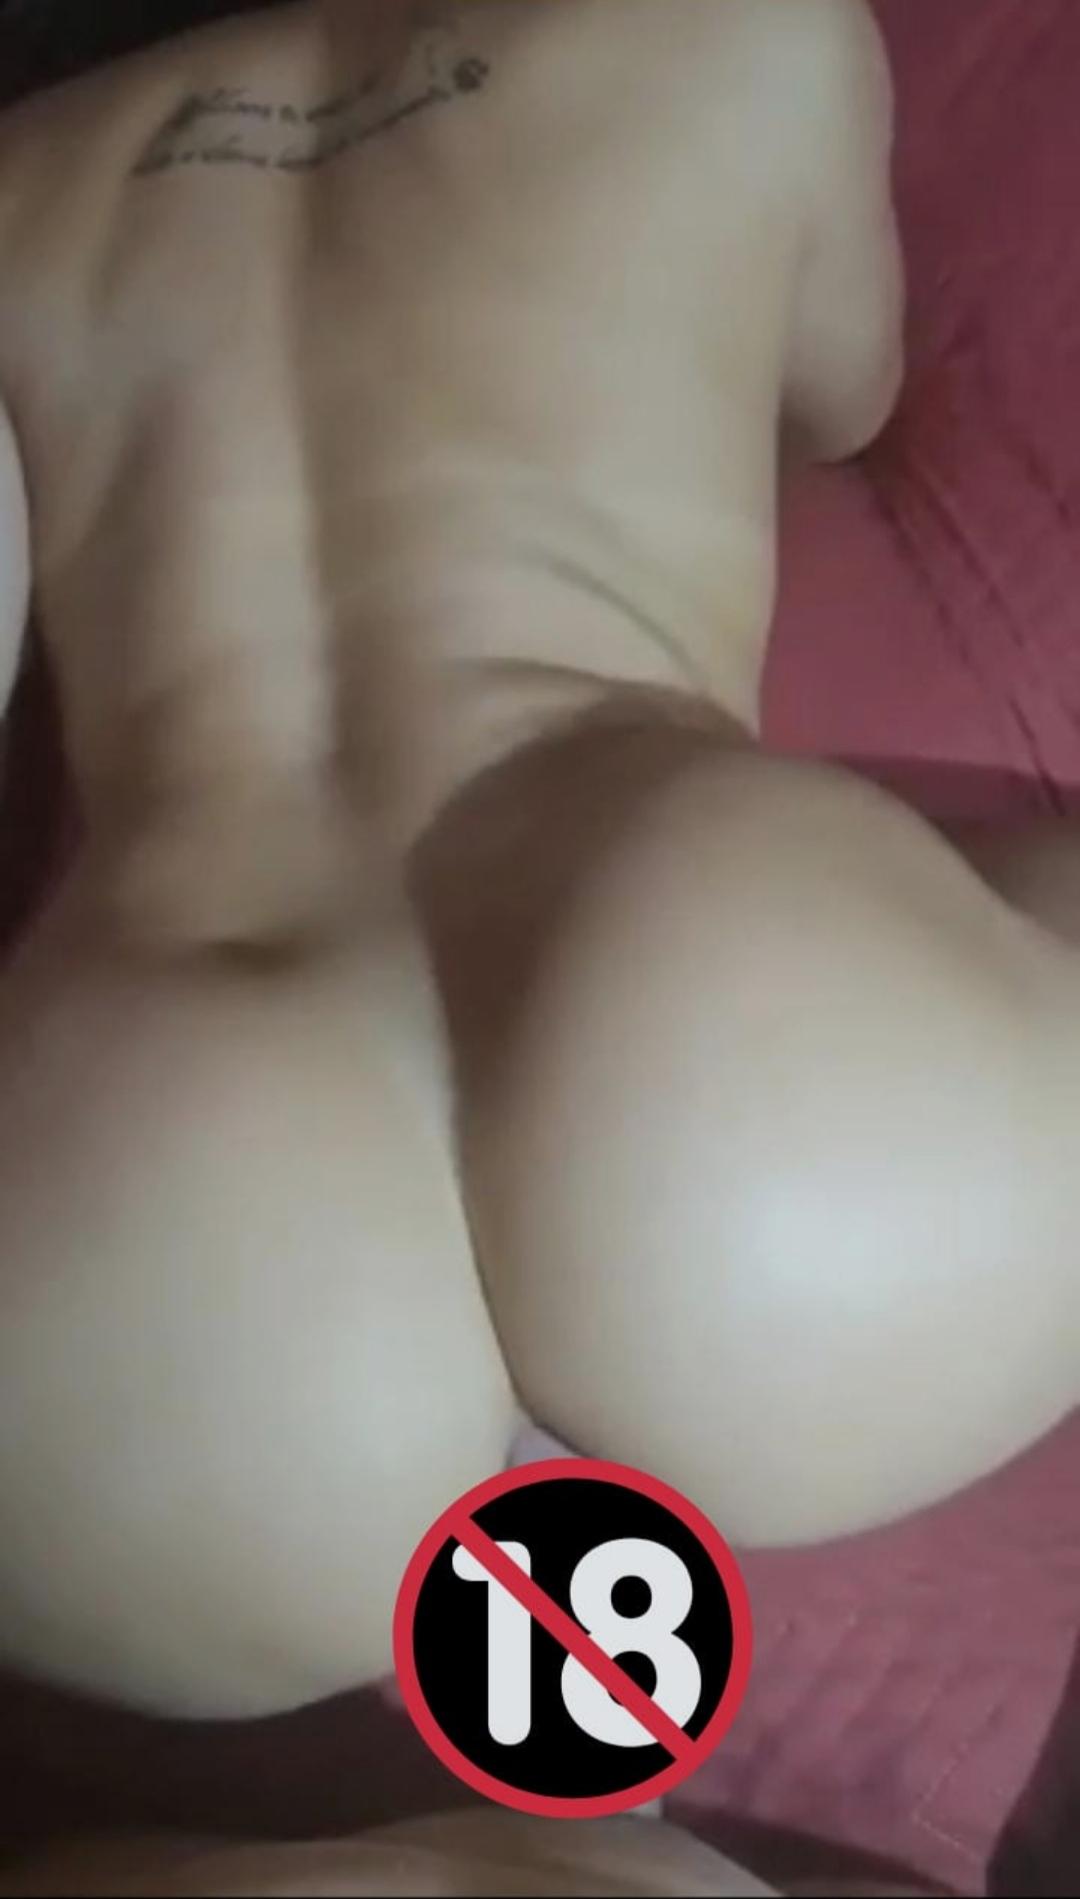 Pack casero de morena culona + VIDEOS morena culona